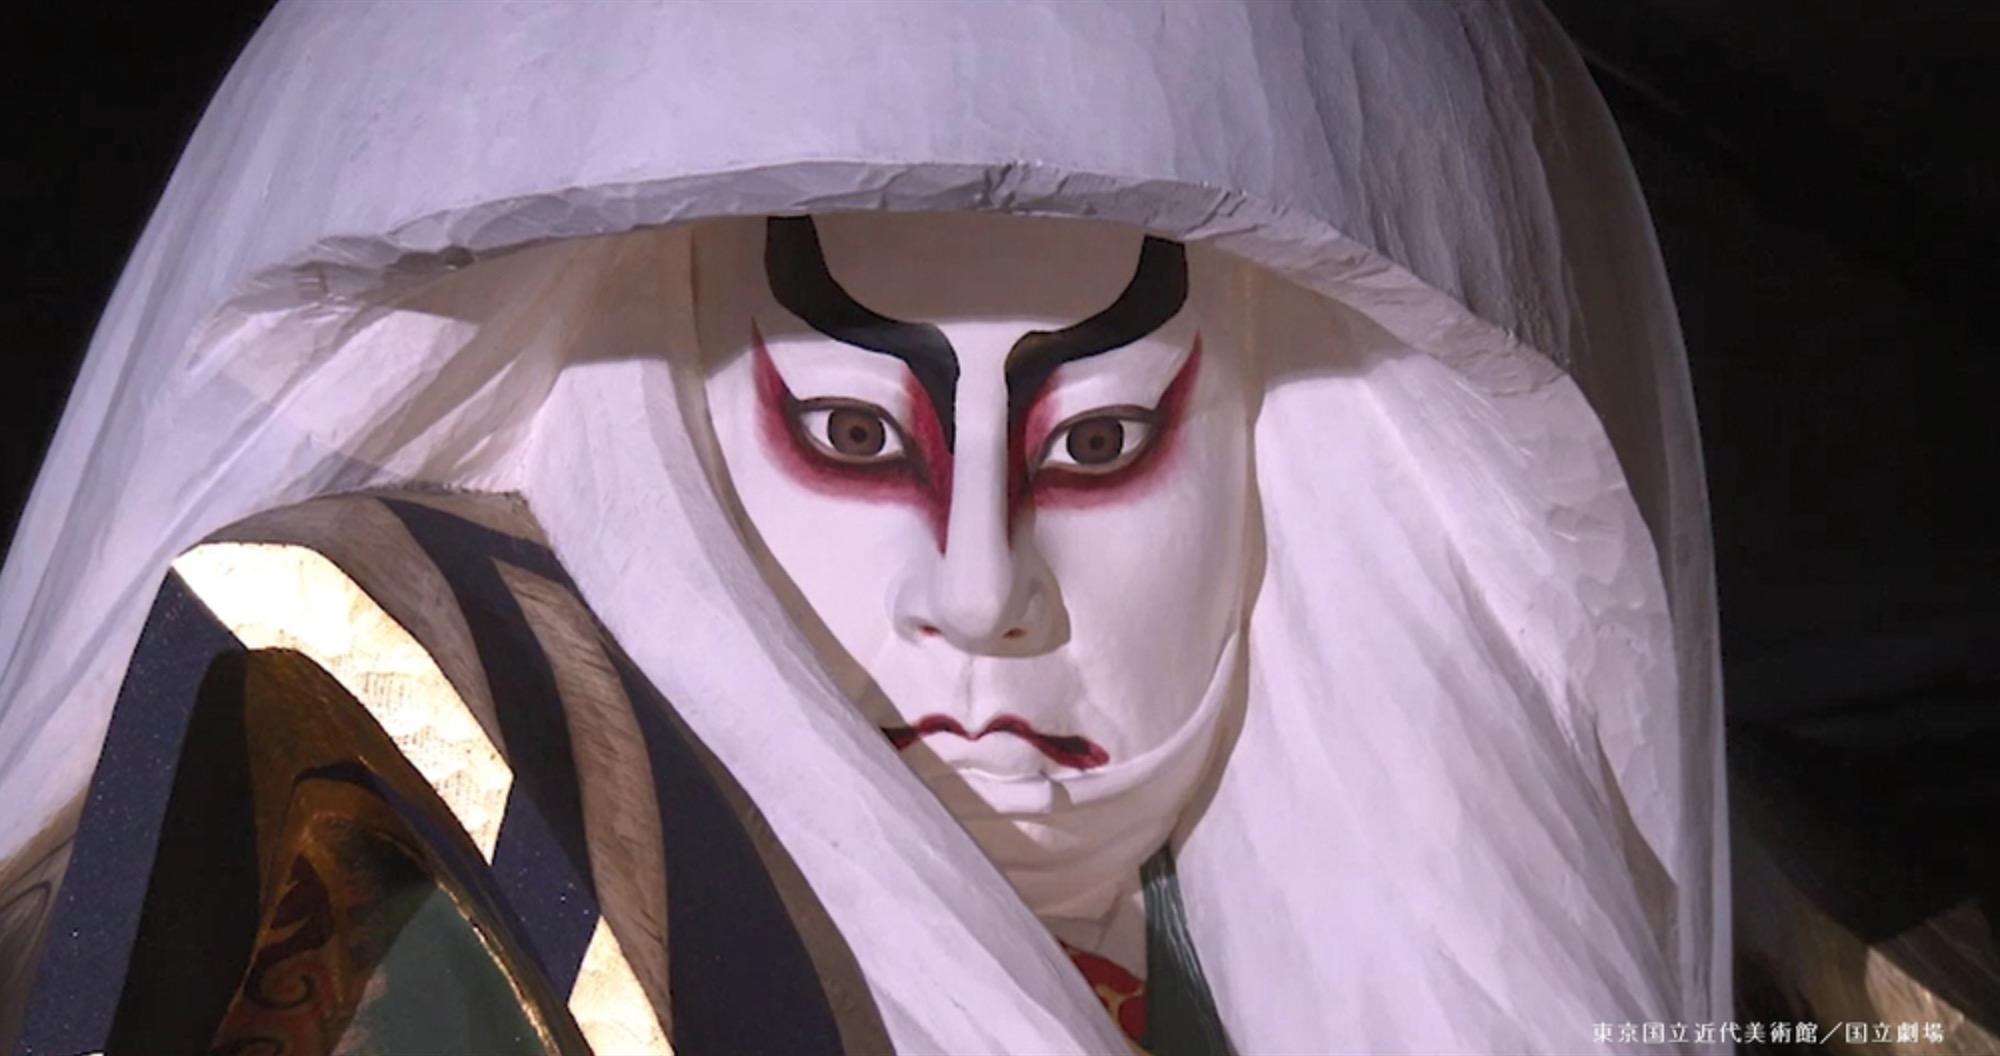 平櫛田中(ひらくしでんちゅう)の歌舞伎彫刻・鏡獅子って?【日曜美術館 ...